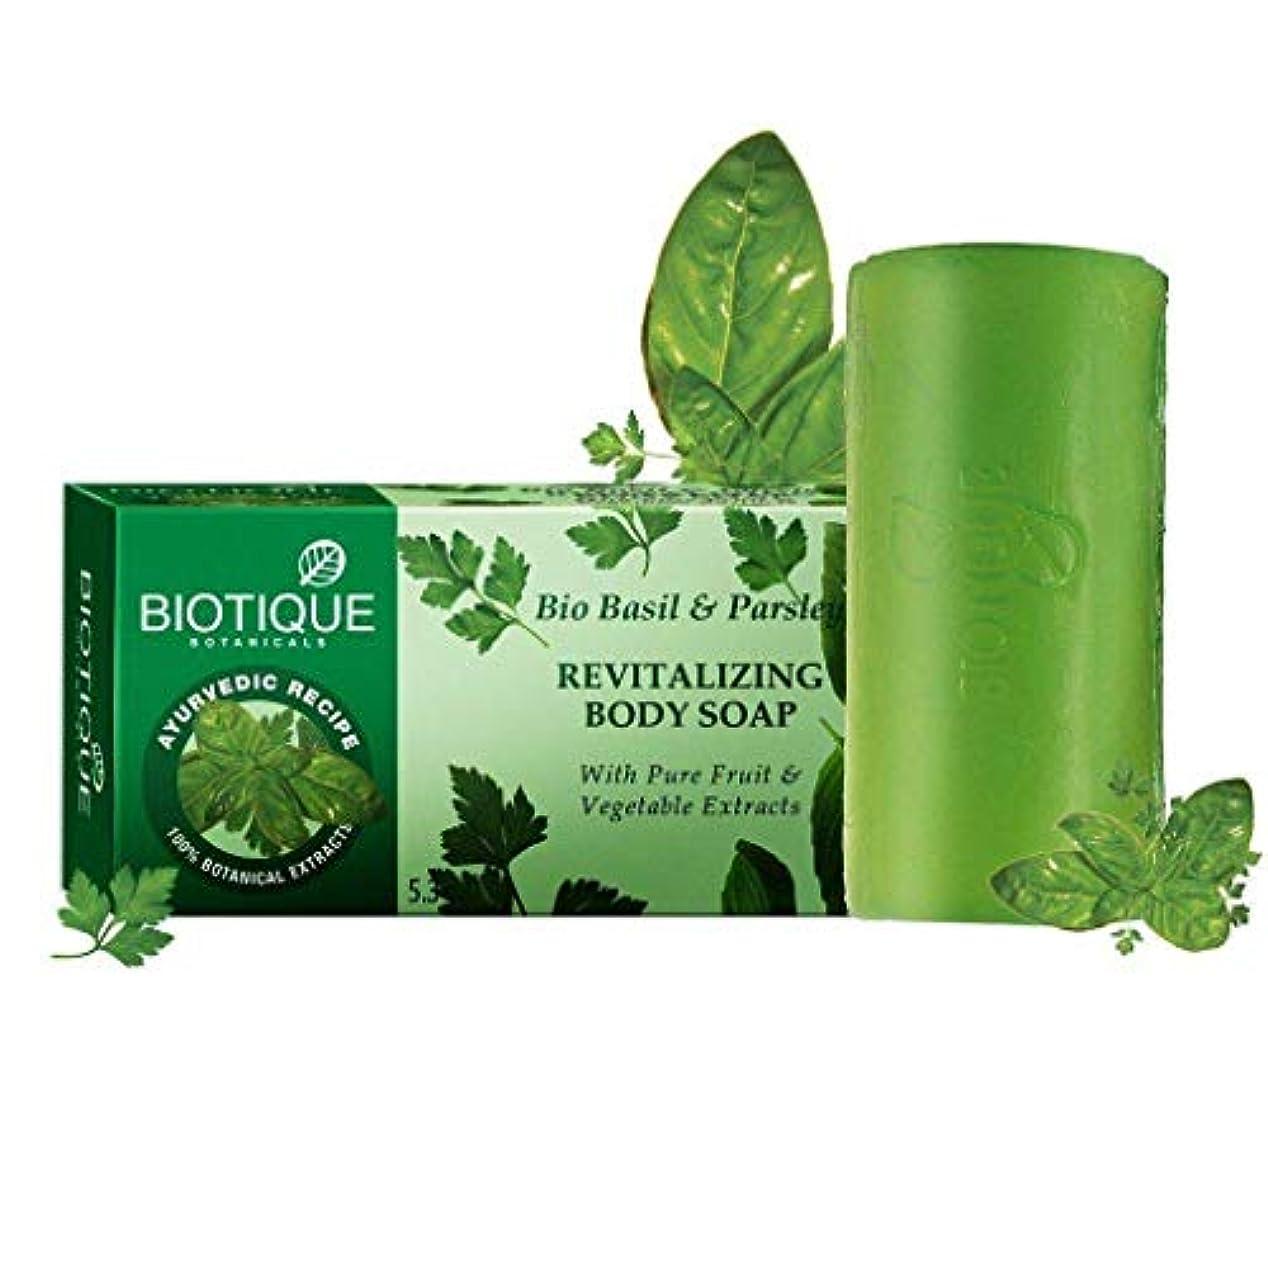 拡声器韻句読点Biotique Bio Basil And Parsley Revitalizing Body Soap 150g (Pack of 2) Biotiqueバイオバジルとパセリの活性化ボディソープ